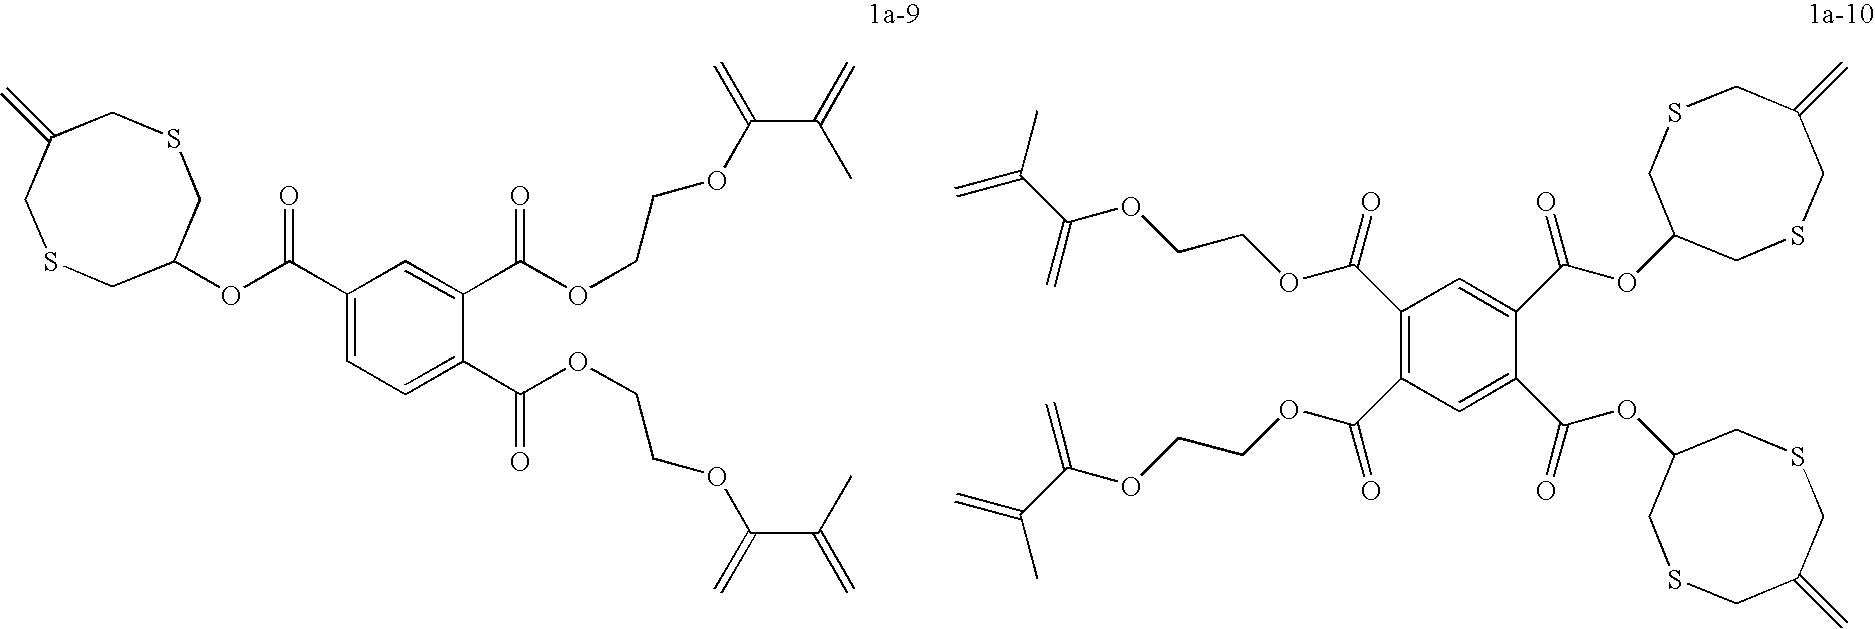 Figure US07888400-20110215-C00003